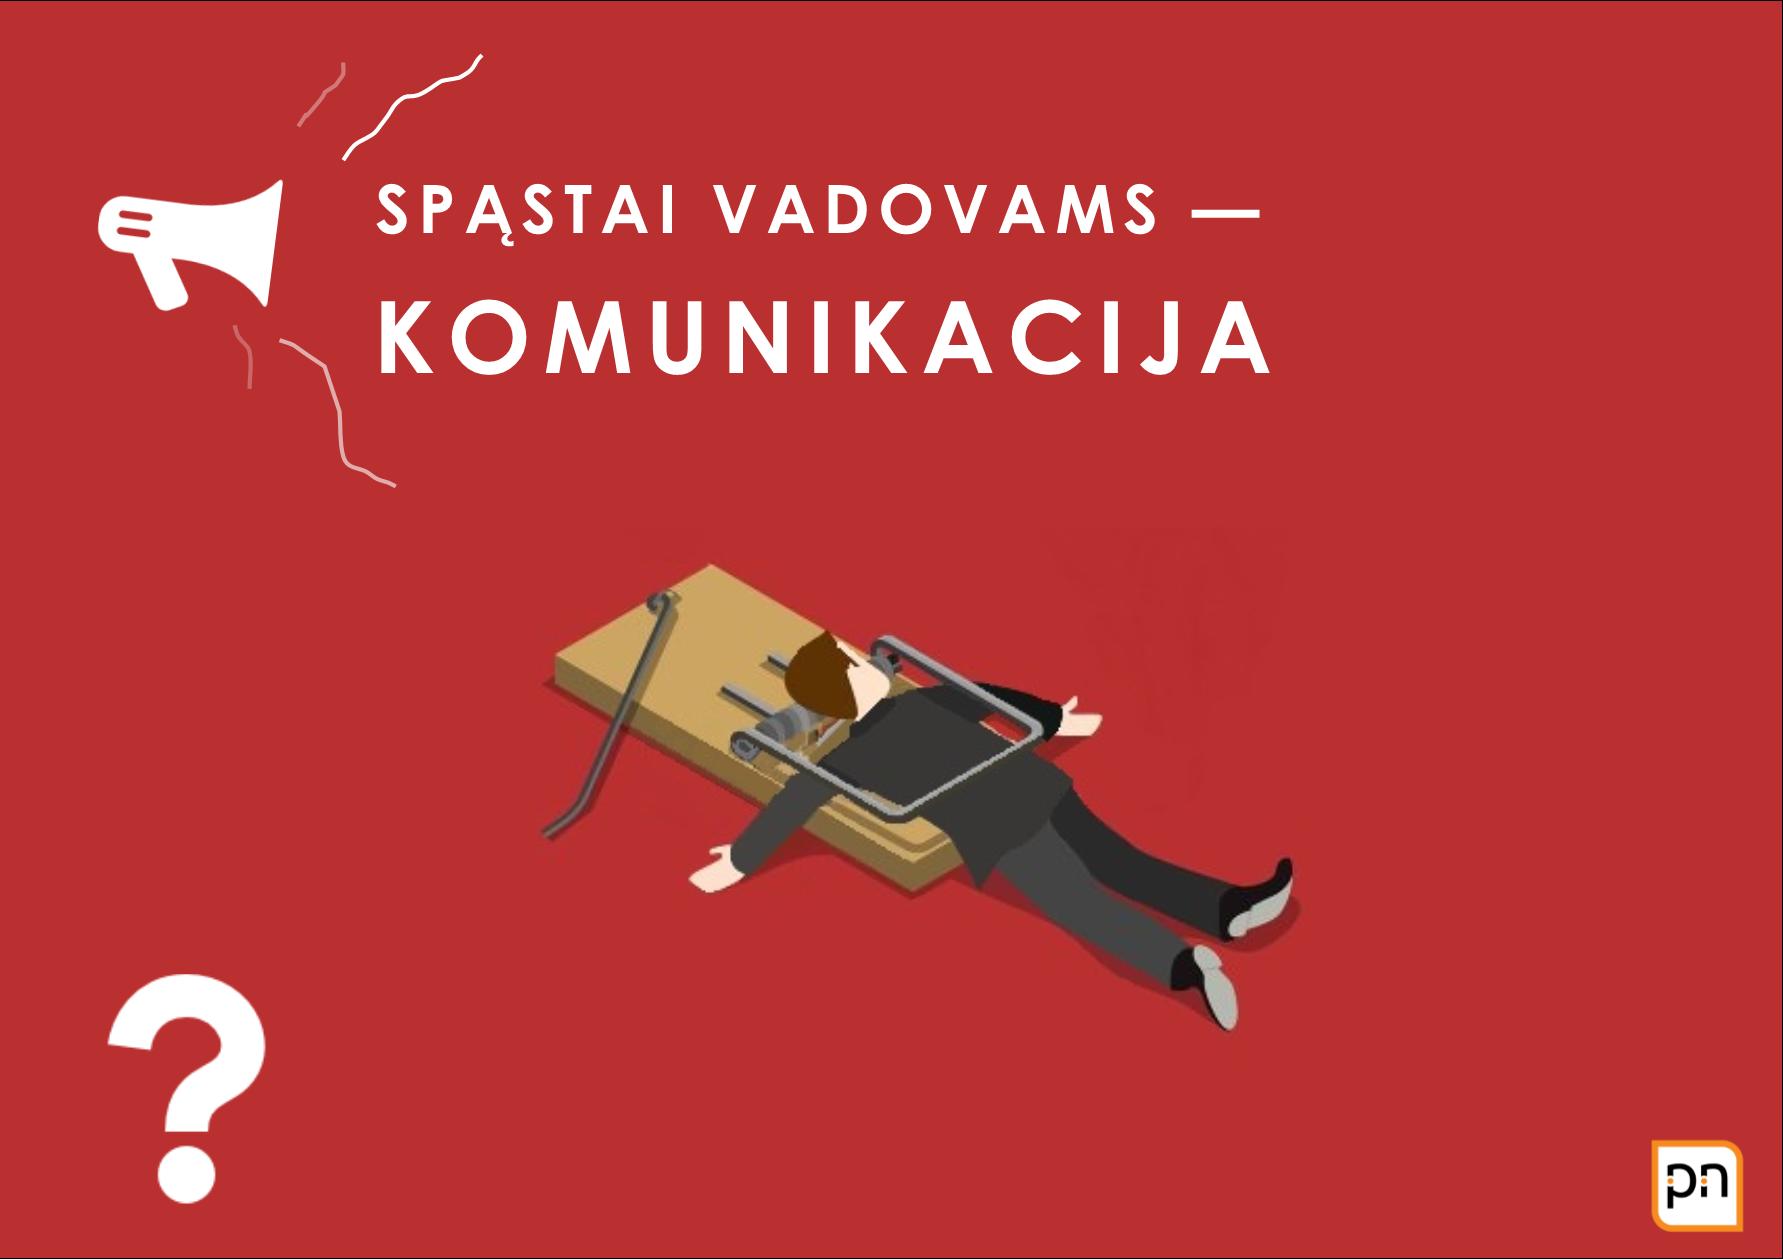 SPASTAI_VADOVAMS_KOMUNIKACIJA.png